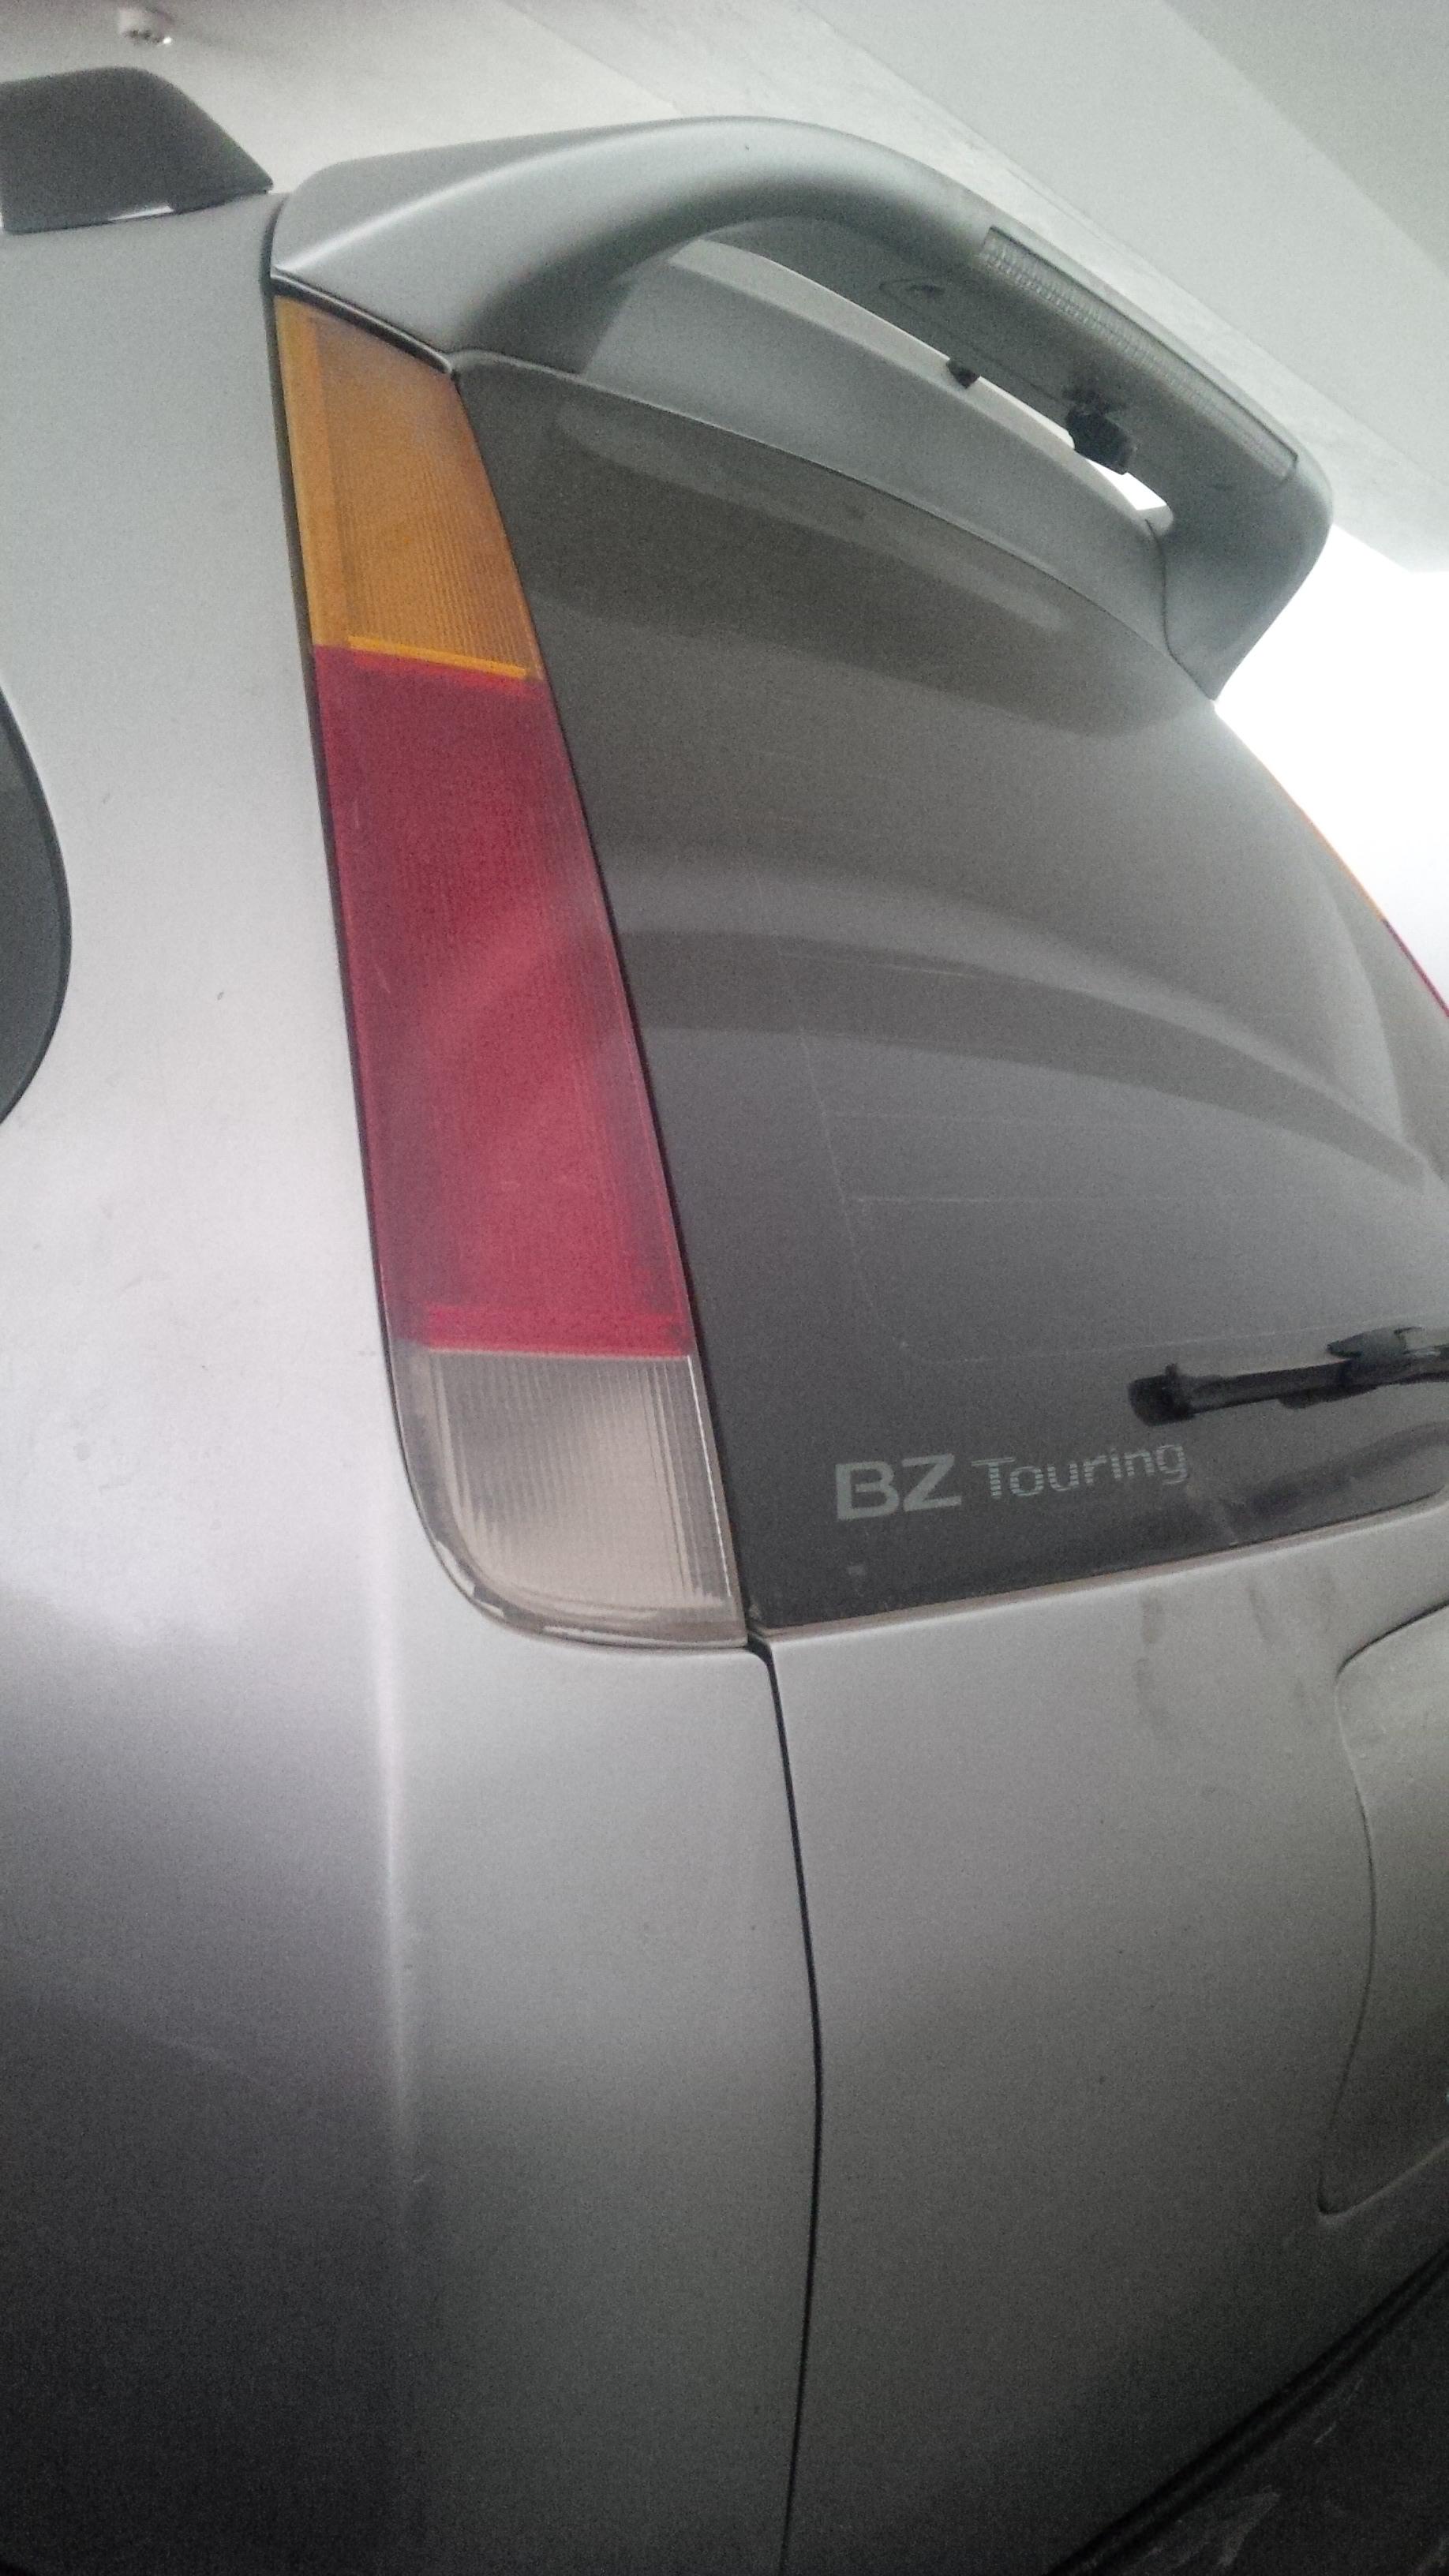 MY AE111 SPRINTER CARIB BZ TOURING WARGON MosLLg